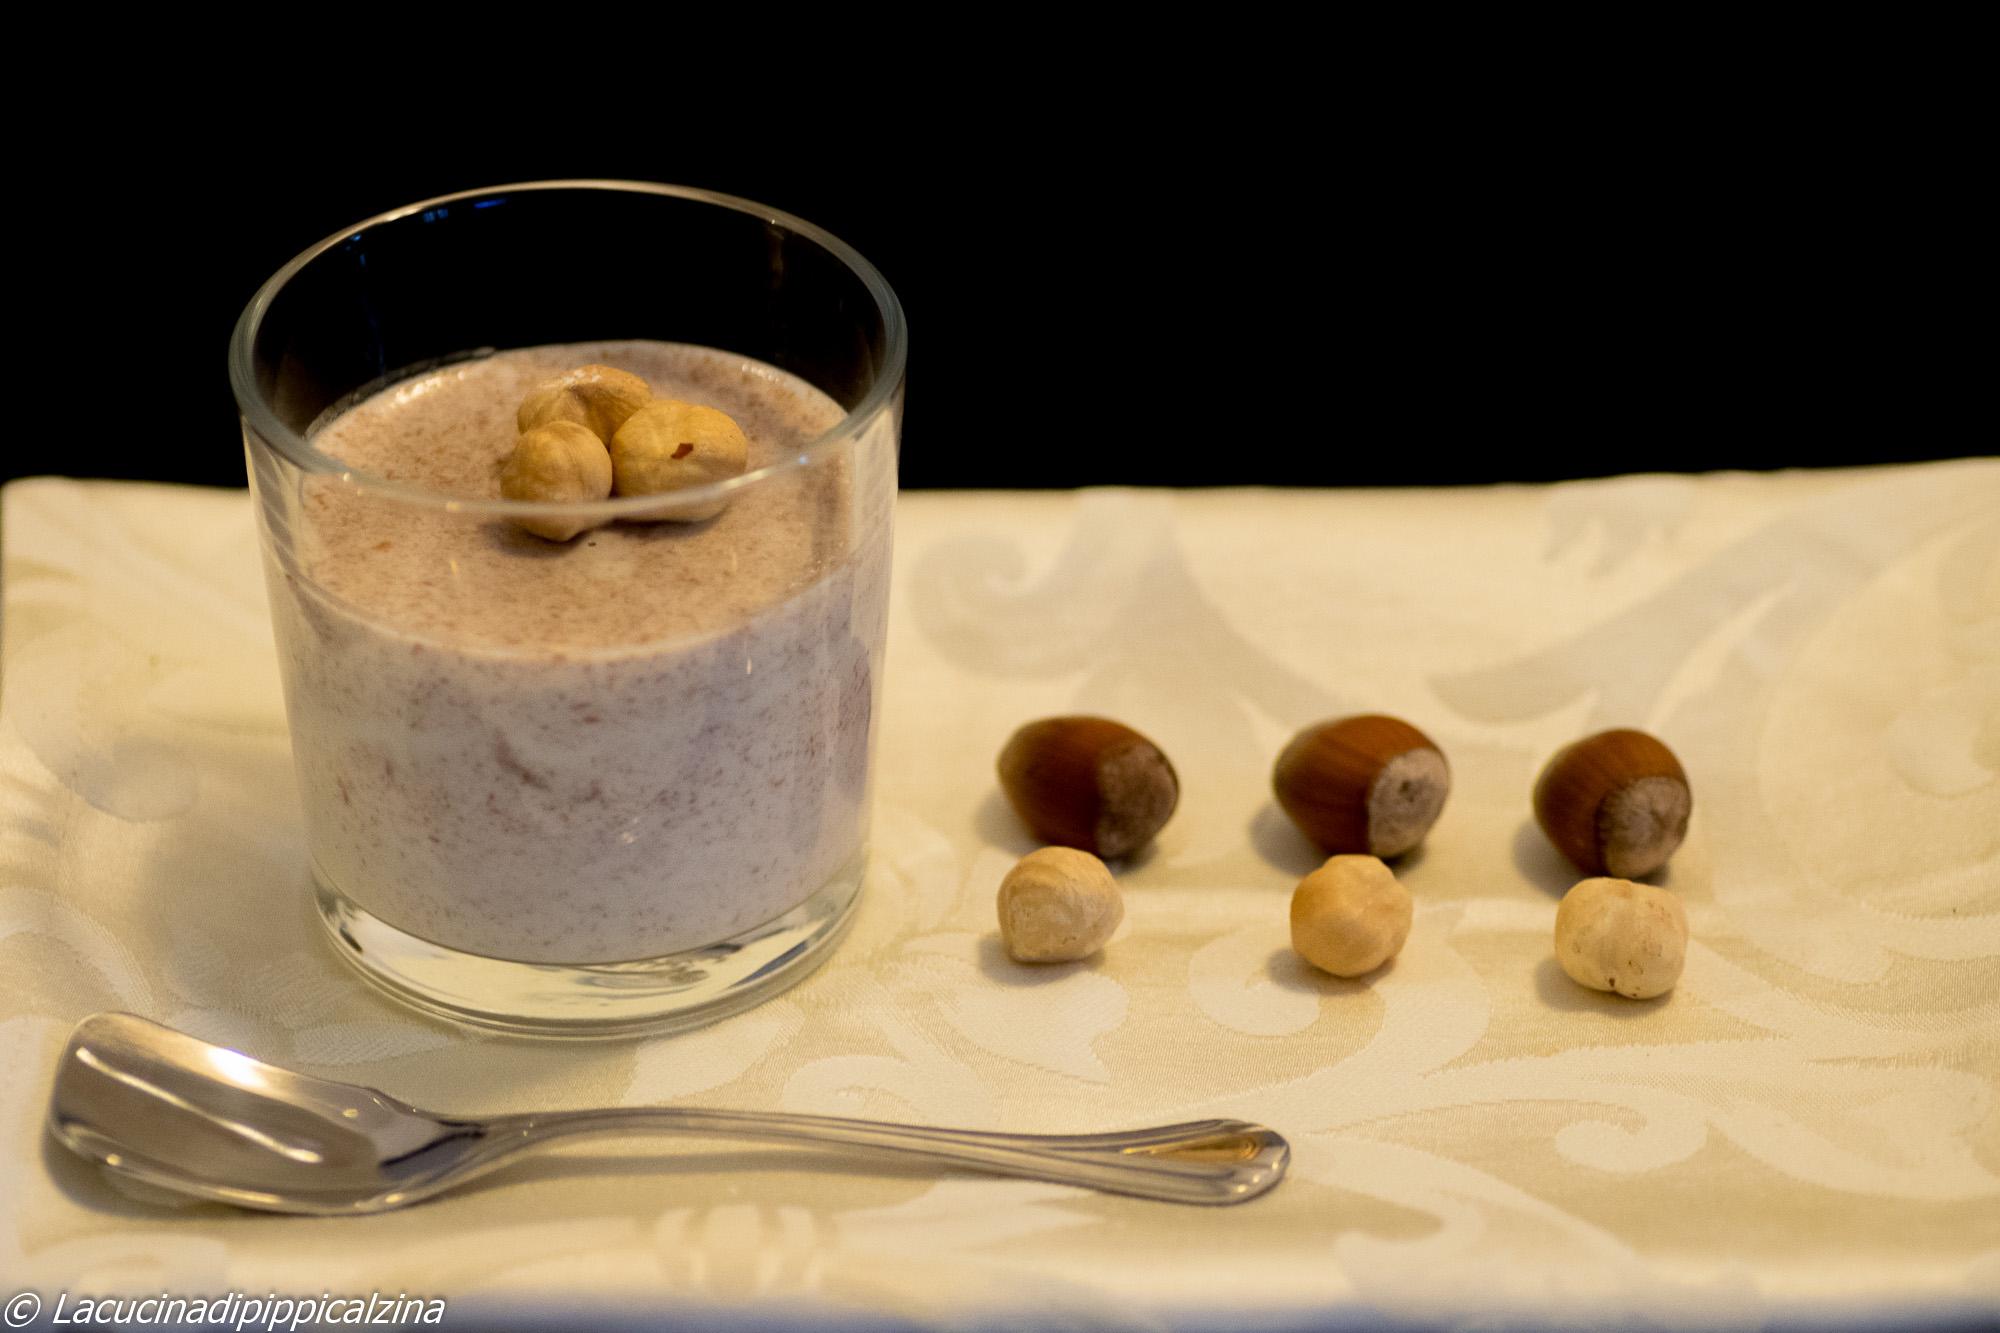 Budino alla panna e nocciole, dessert al cucchiaio